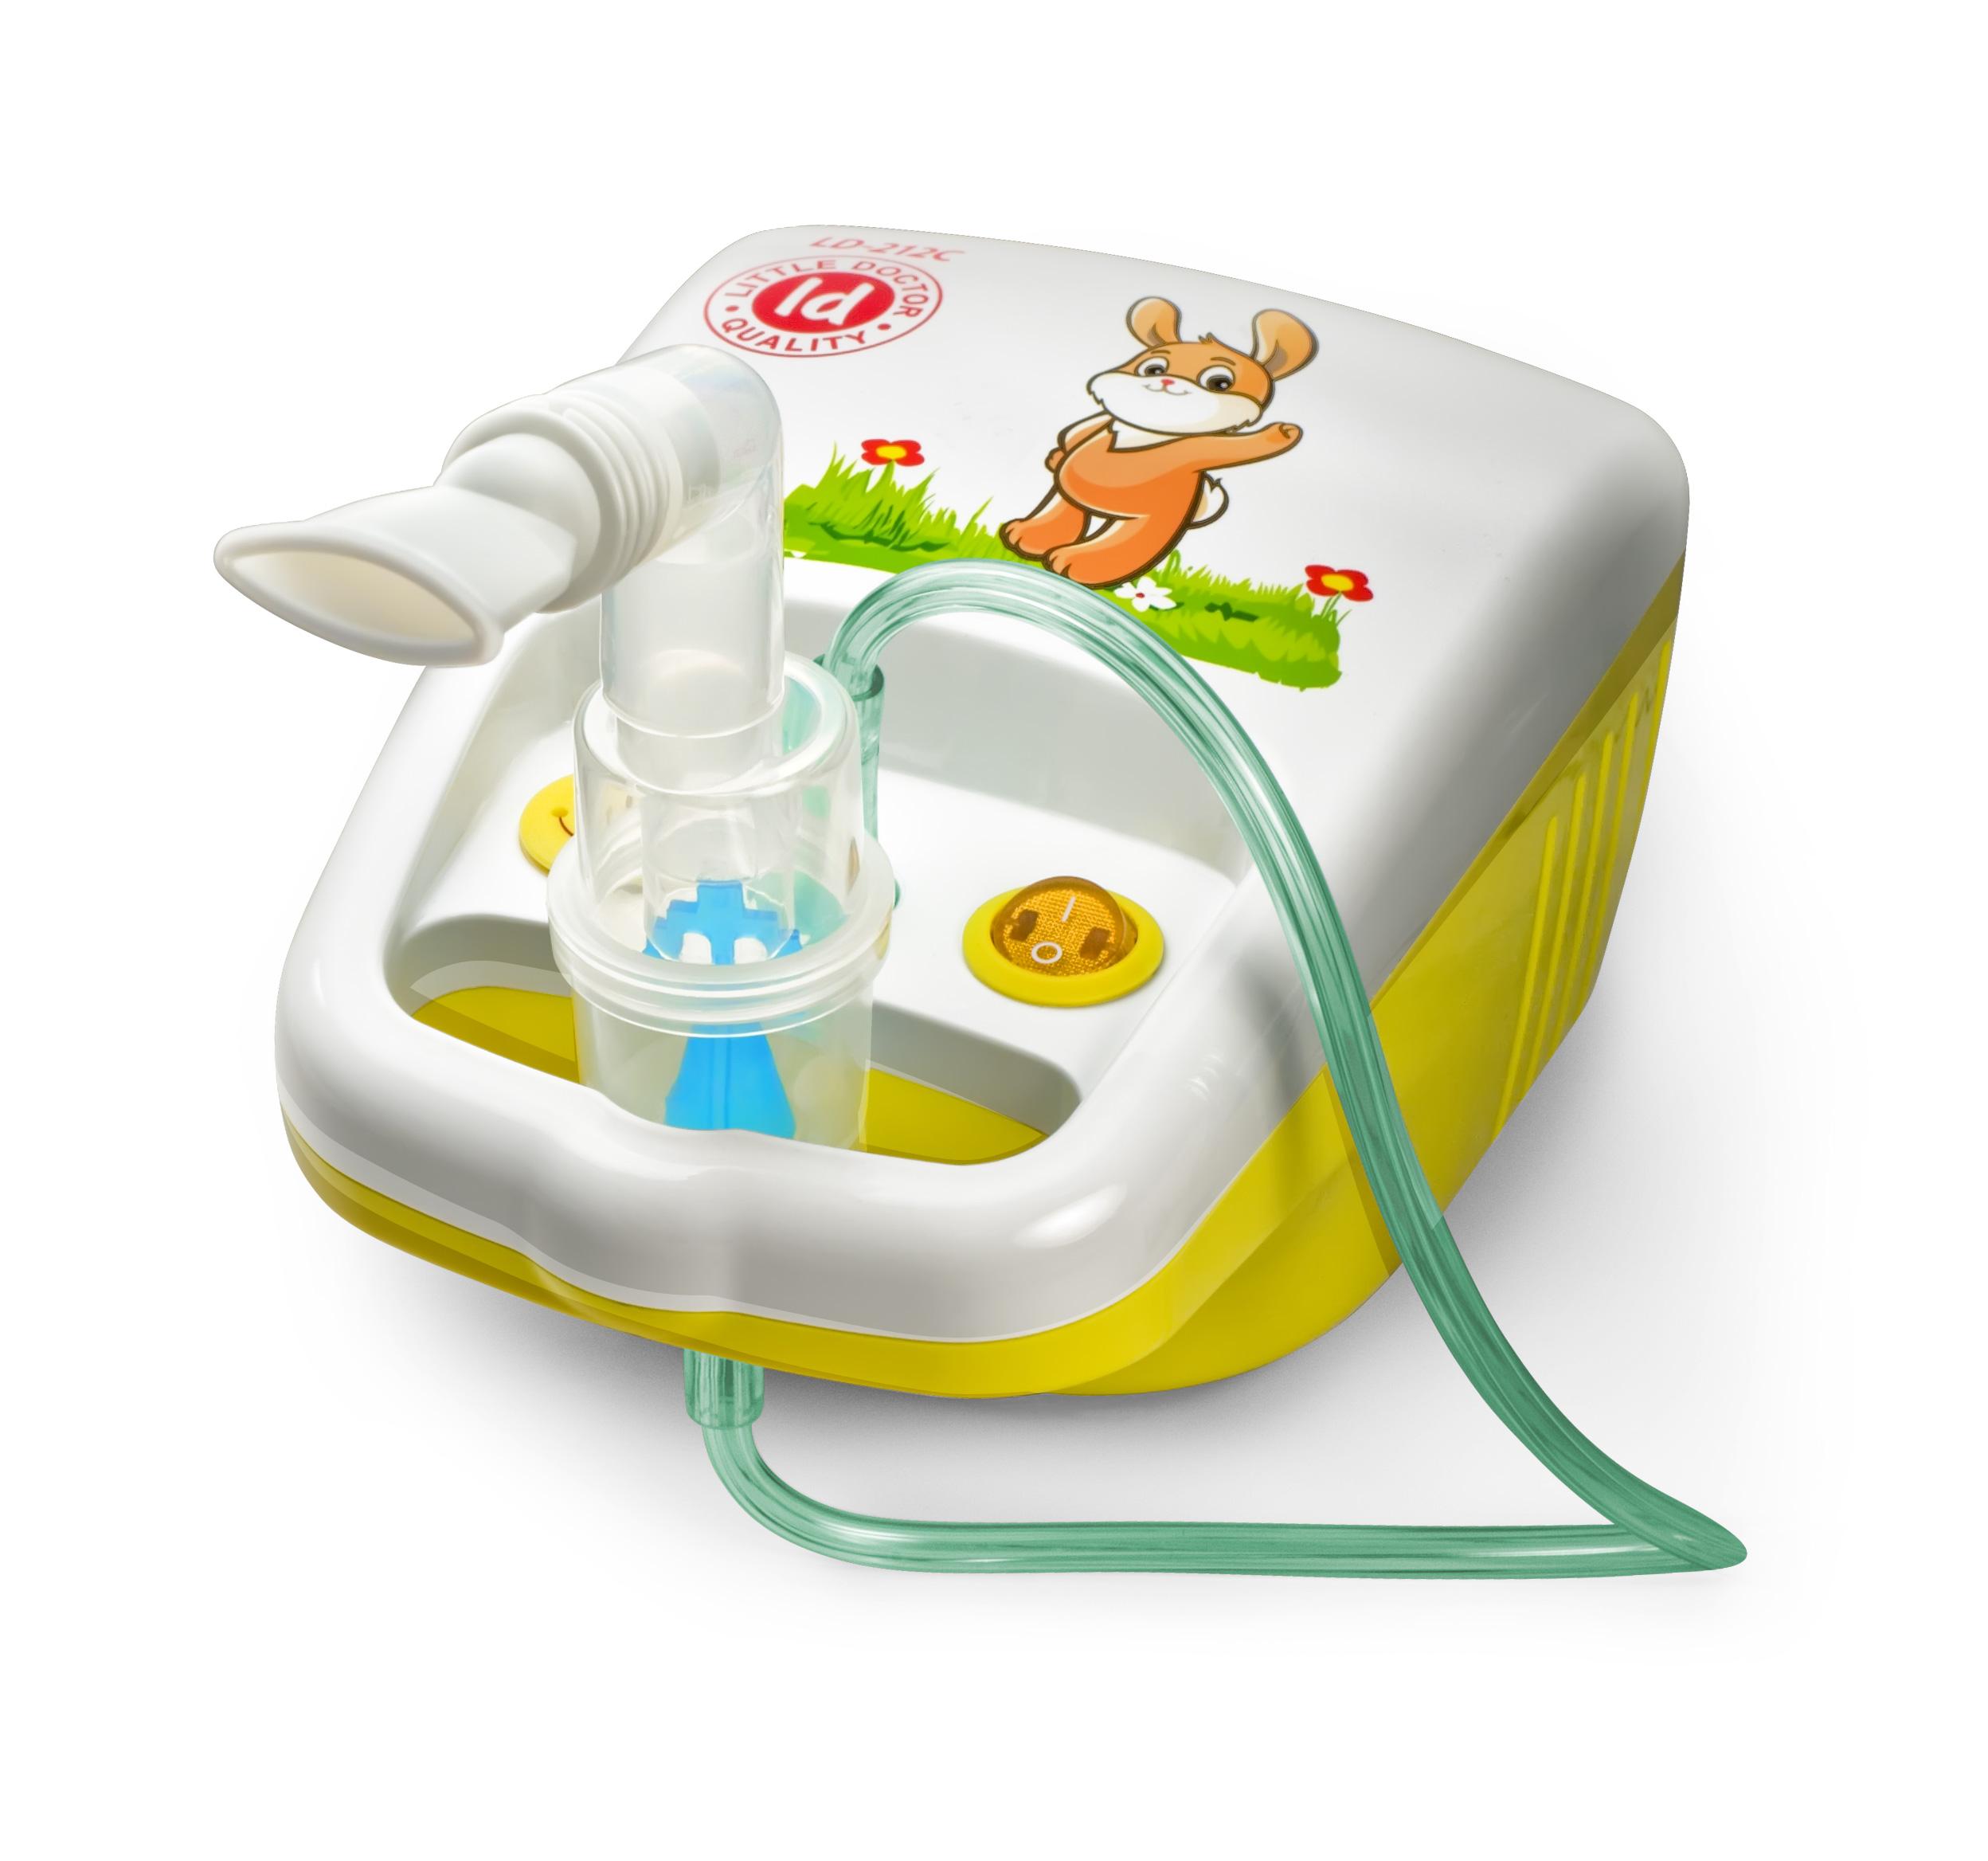 Little Doctor Ингалятор компрессорный LD-212С0001480Компрессорный ингалятор LD-212С подойдет для лечения ОРВИ, синусита, ларингита, ринита, фарингита, бронхита, астмы и других заболеваний дыхательной системы. Ингалятор обладает компактным размером и оригинальным дизайном, который понравится детям. Одно из главных отличий ингалятора - специальная конструкция, определяющая разные пути потоков воздуха при вдохе и выдохе. Ингалятор активируется вдохом.Благодаря особой конструкции каждого распылителя, эффективность ингаляций может достигаться избирательным воздействием на определенную часть дыхательных путей (верхнюю, среднюю или нижнюю).Распылитель А (желтый) - для нижних отделов дыхательных путейРаспылитель В (синий) - универсальный распылительРаспылитель С (красный) - для верхних отделов дыхательных путейИнгалятор LD-212С экономичен в работе благодаря низкому остаточному объему лекарственного раствора.Компрессорный ингалятор Little Doctor LD-212CНебулайзер3 распылителяМаска взрослаяМаска детскаяНасадка для носа взрослаяНасадка для носа детскаяМундштук - 2шт.Трубка 2 м.Запасной фильтр - 5 шт.Предохранитель 2А 250 В - 2 шт.Сумка для хранения принадлежностейИнструкция на русском языкеГарантийный талон.